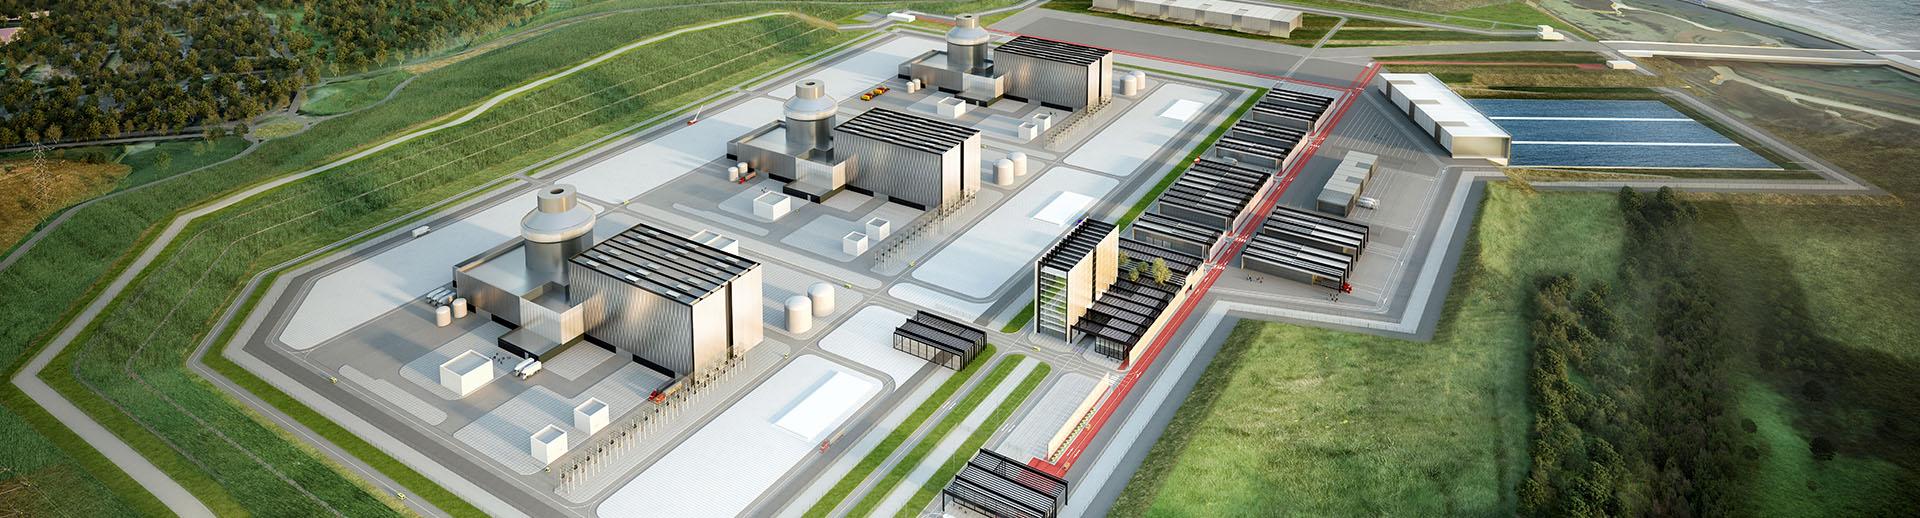 jaderná energie - Společnost Engie po bankrotu Westinghouse vystupuje z konsorcia NuGen - Nové bloky ve světě (Moorside Site MPS birds eye view) 3